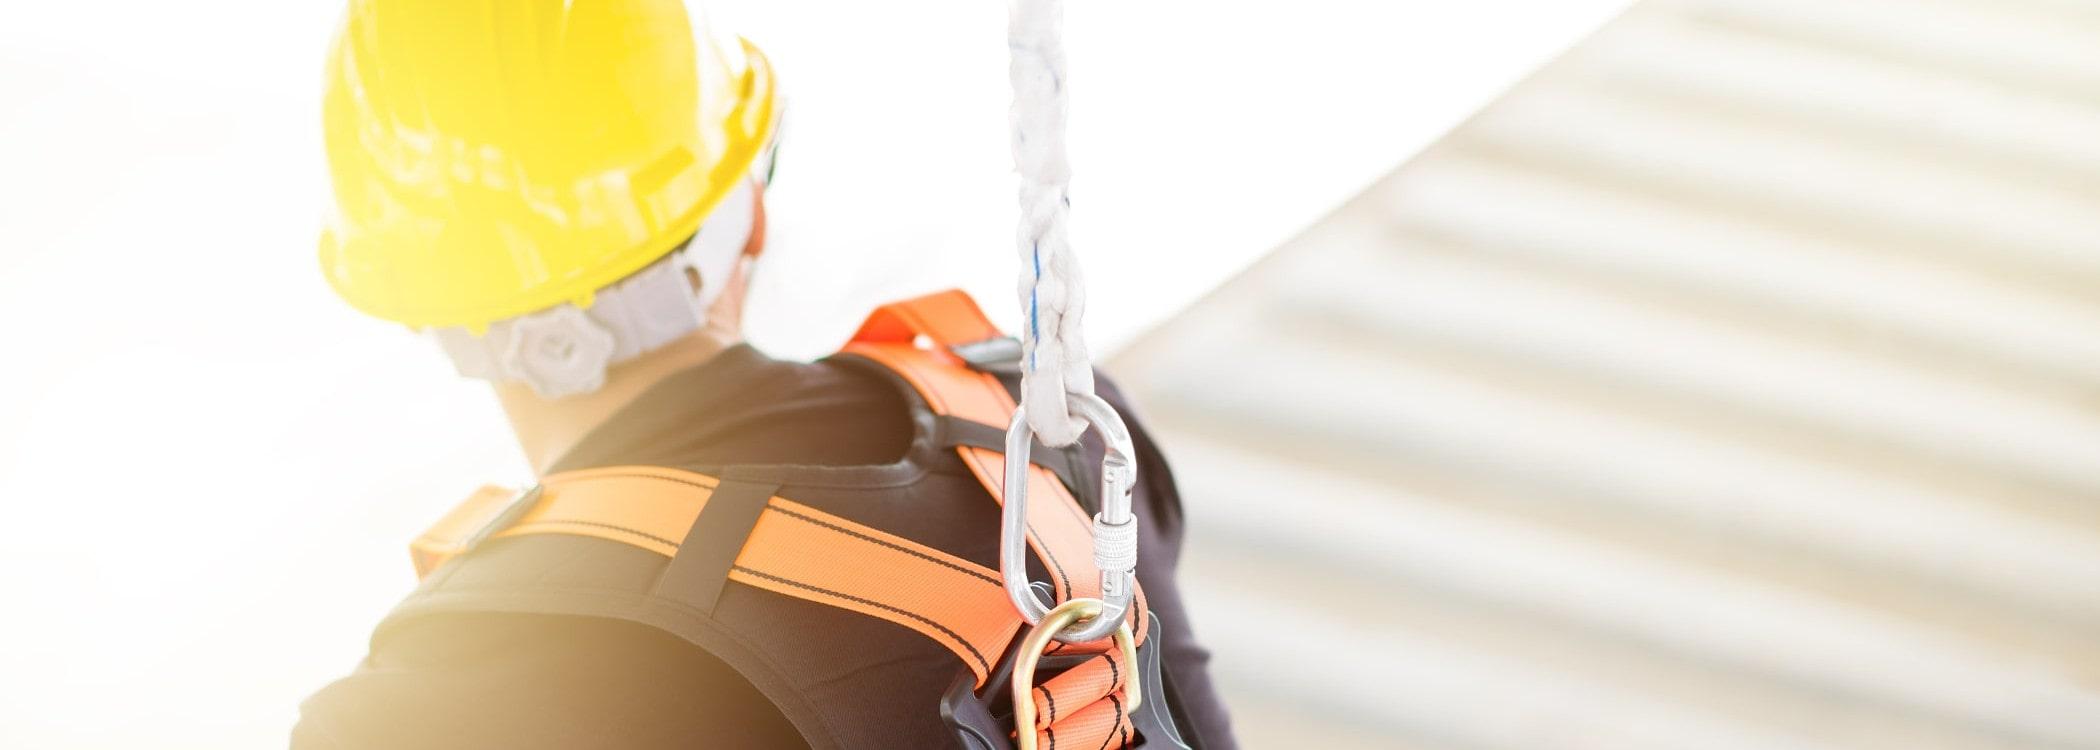 Addestramento per attività in quota | Lazzaroni s.r.l.